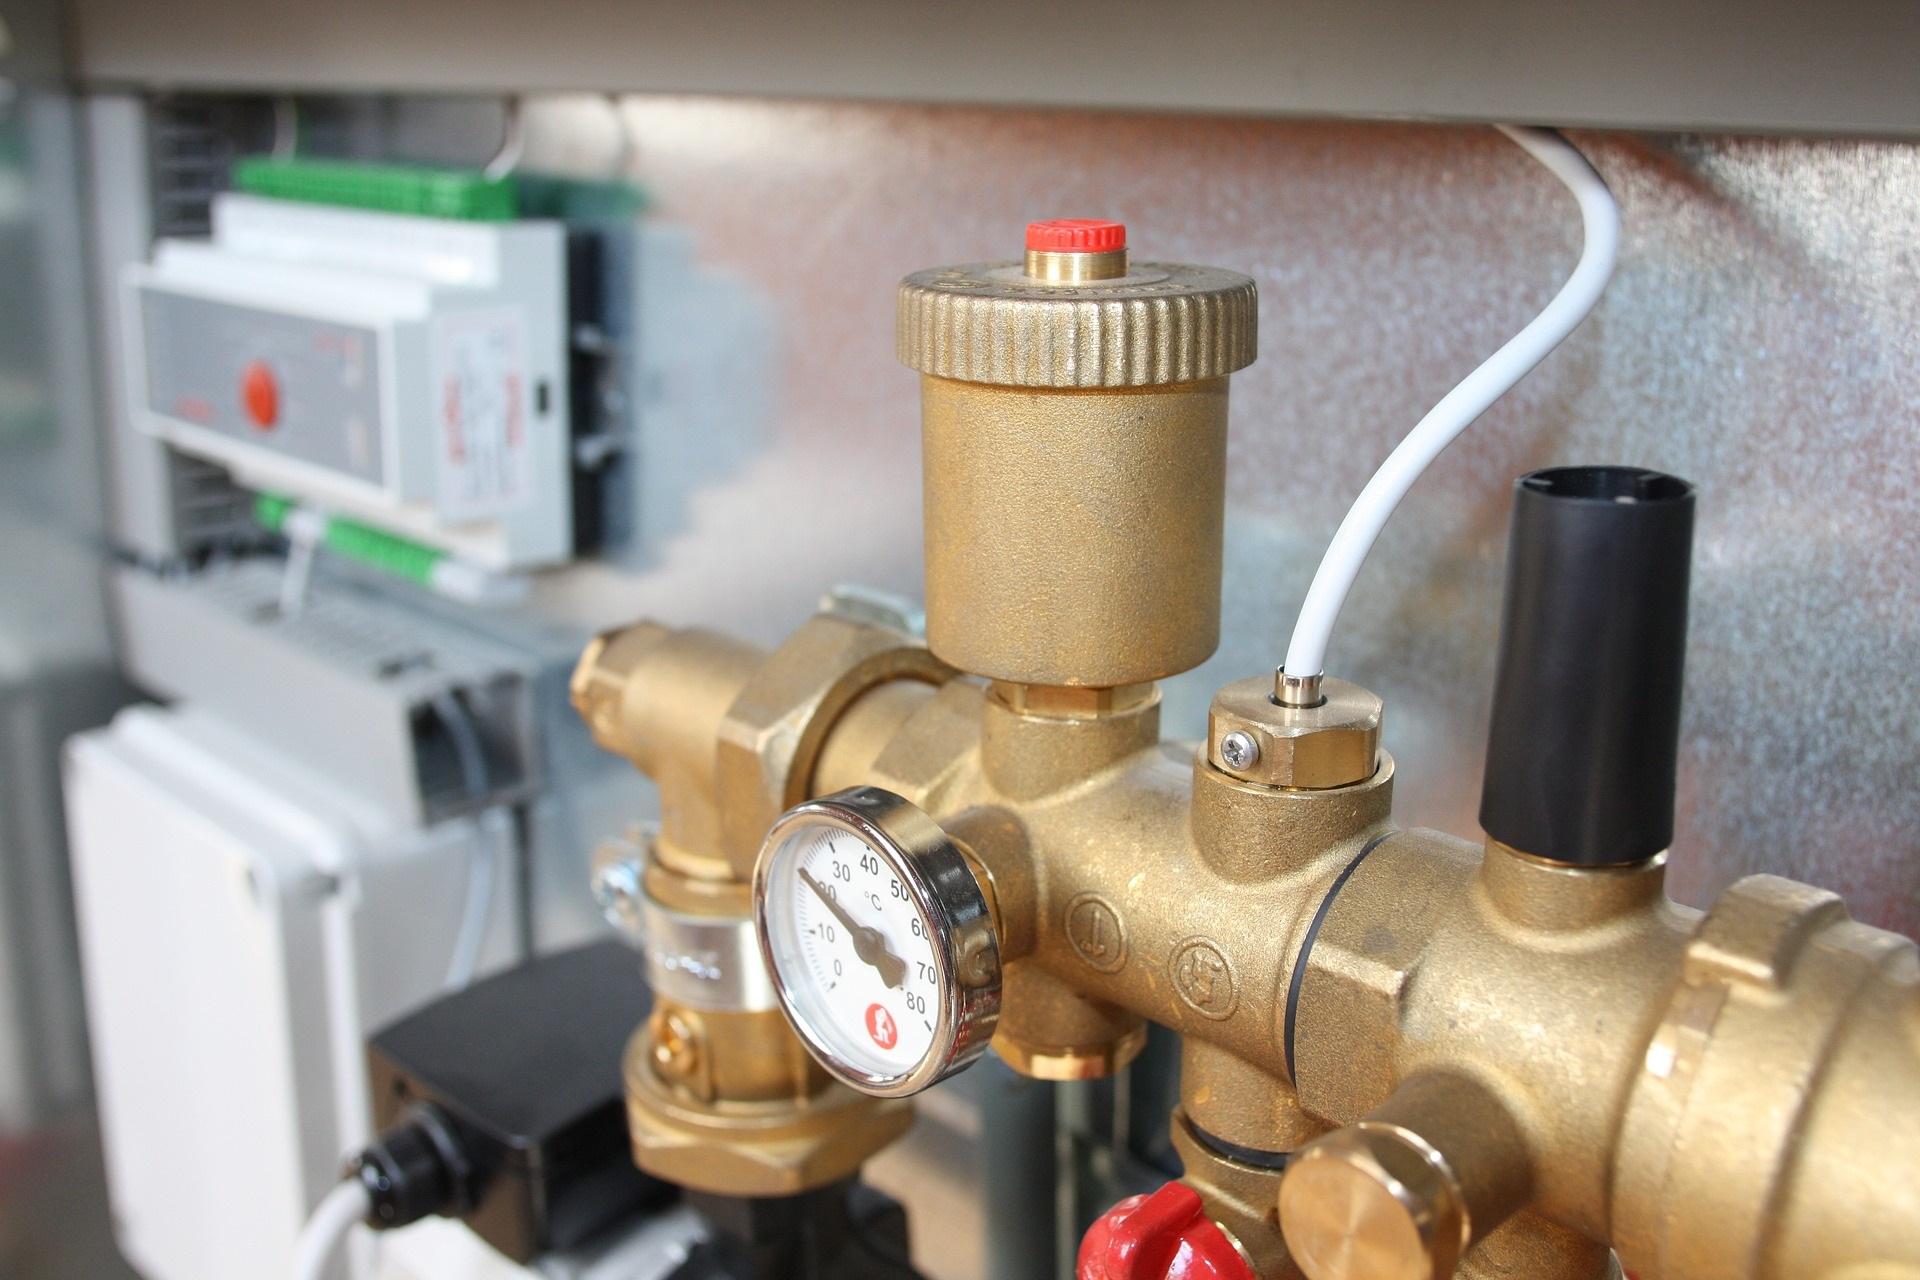 SANIT CONFORT Expert climatisation et pompe a chaleur ROUEN